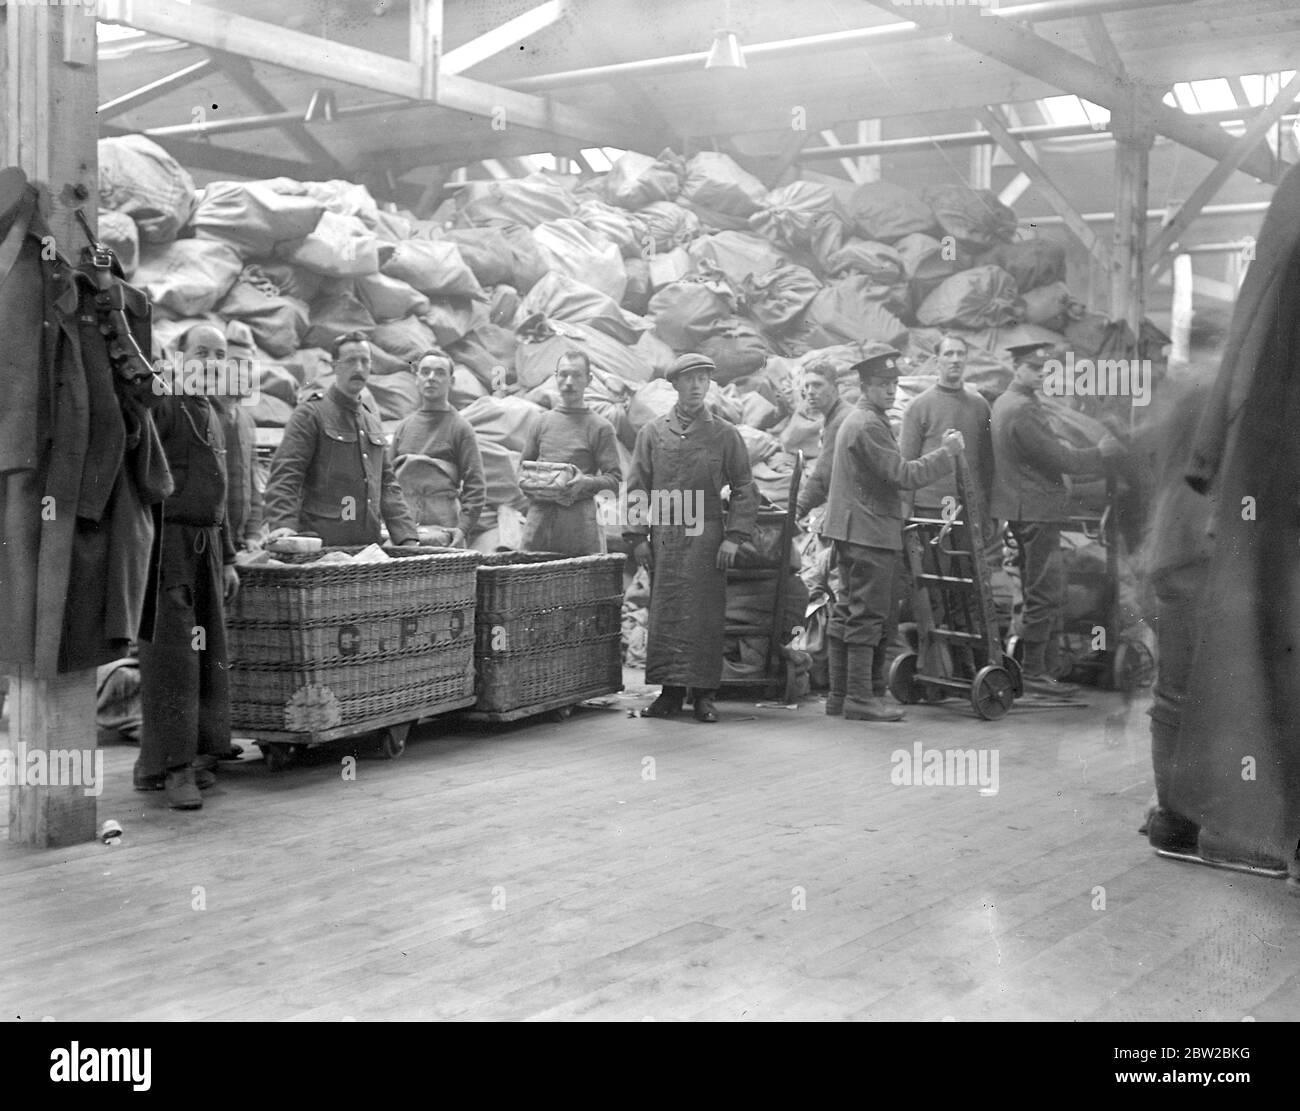 Traiter les colis de Noël de Tommy au bureau des colis de la Nouvelle Armée, Regent's Park. Une énorme pile de colis en attente d'être triés. 1914 Banque D'Images